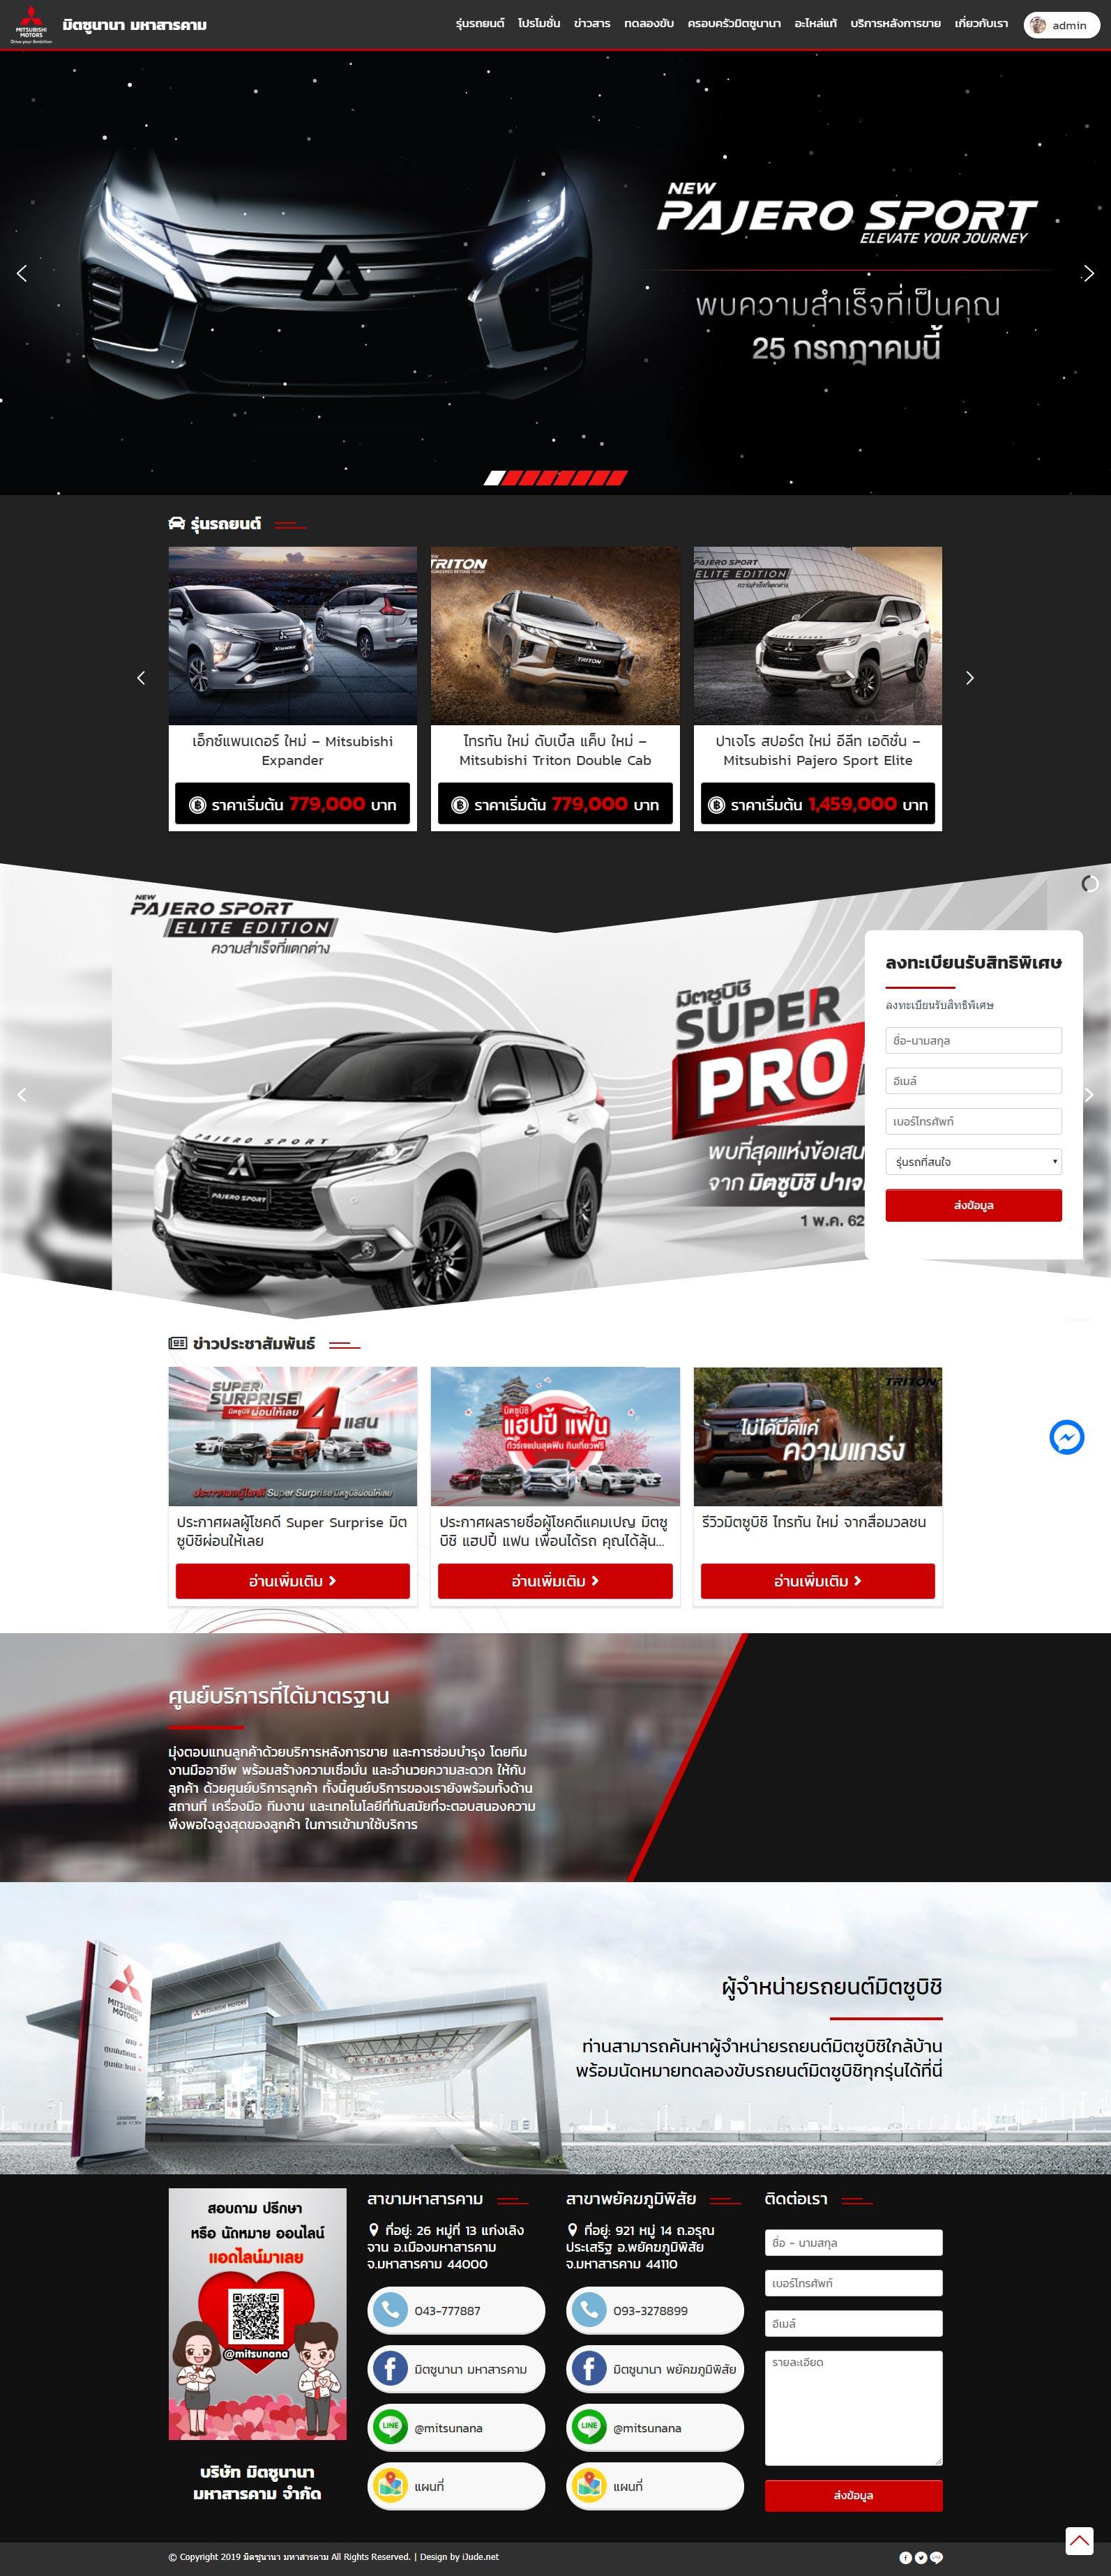 เว็บไซต์ mitsunana.com